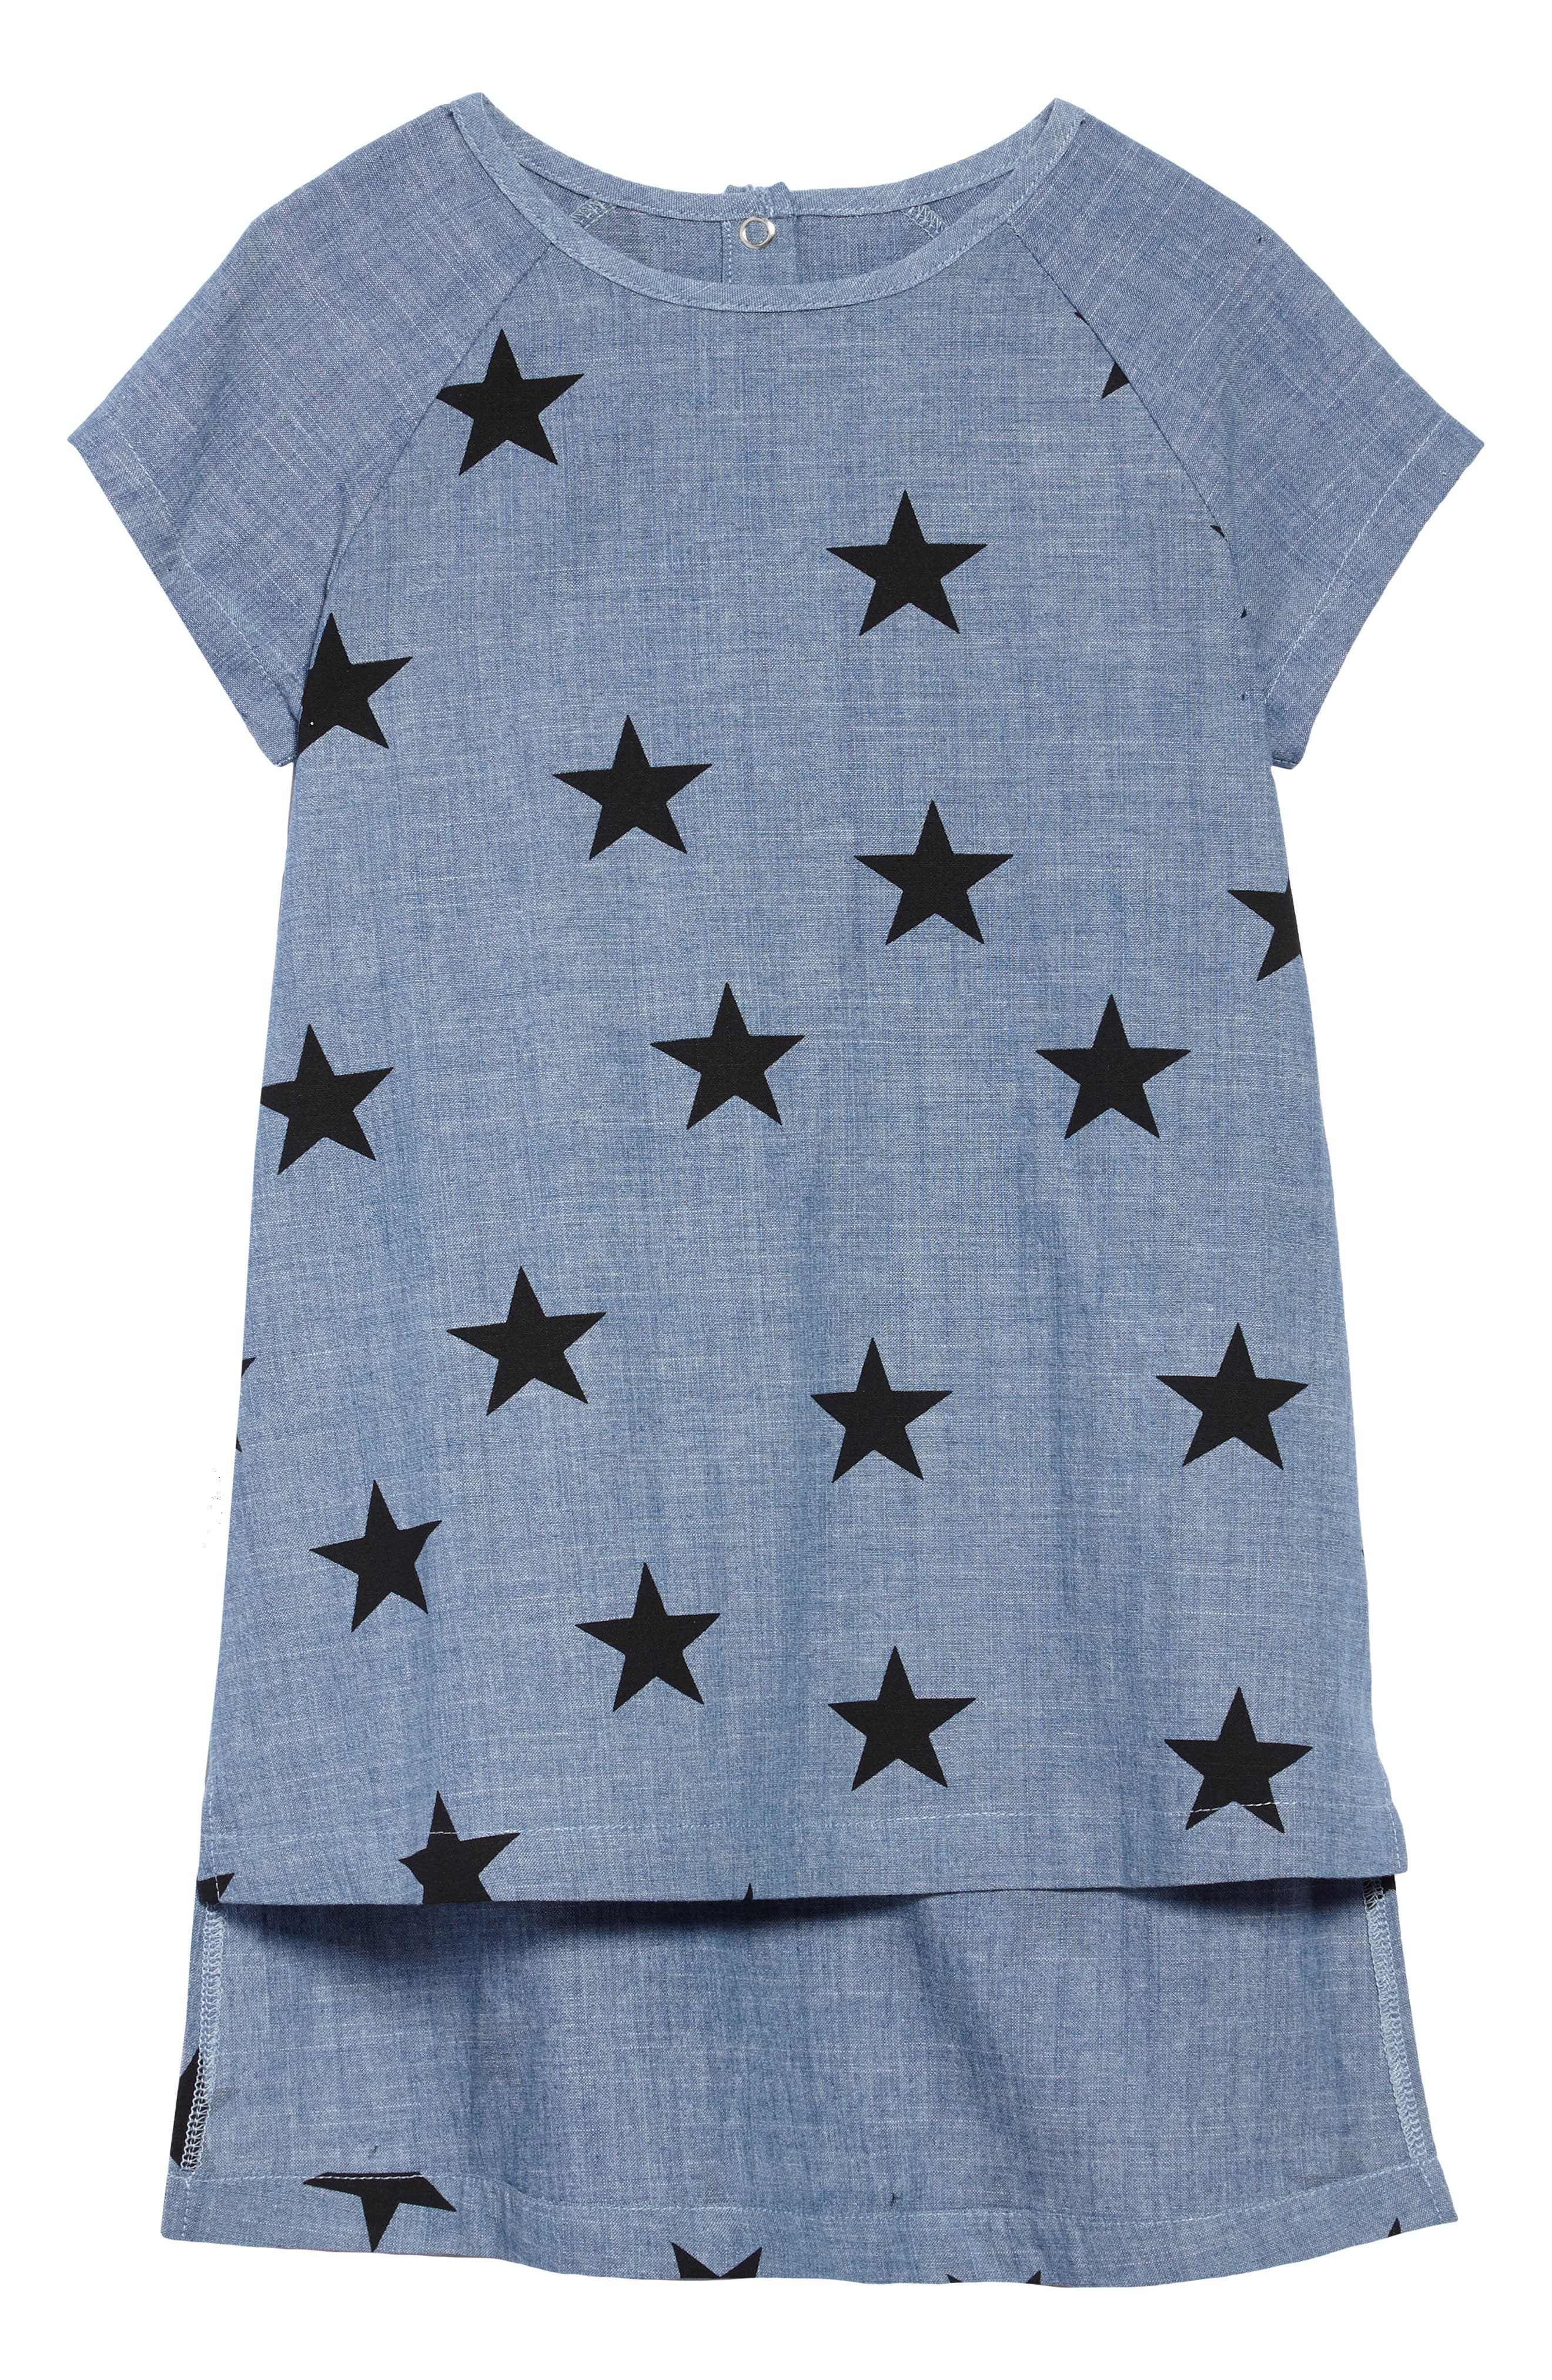 Star Print Chambray Dress,                             Main thumbnail 1, color,                             CHAMBRAY